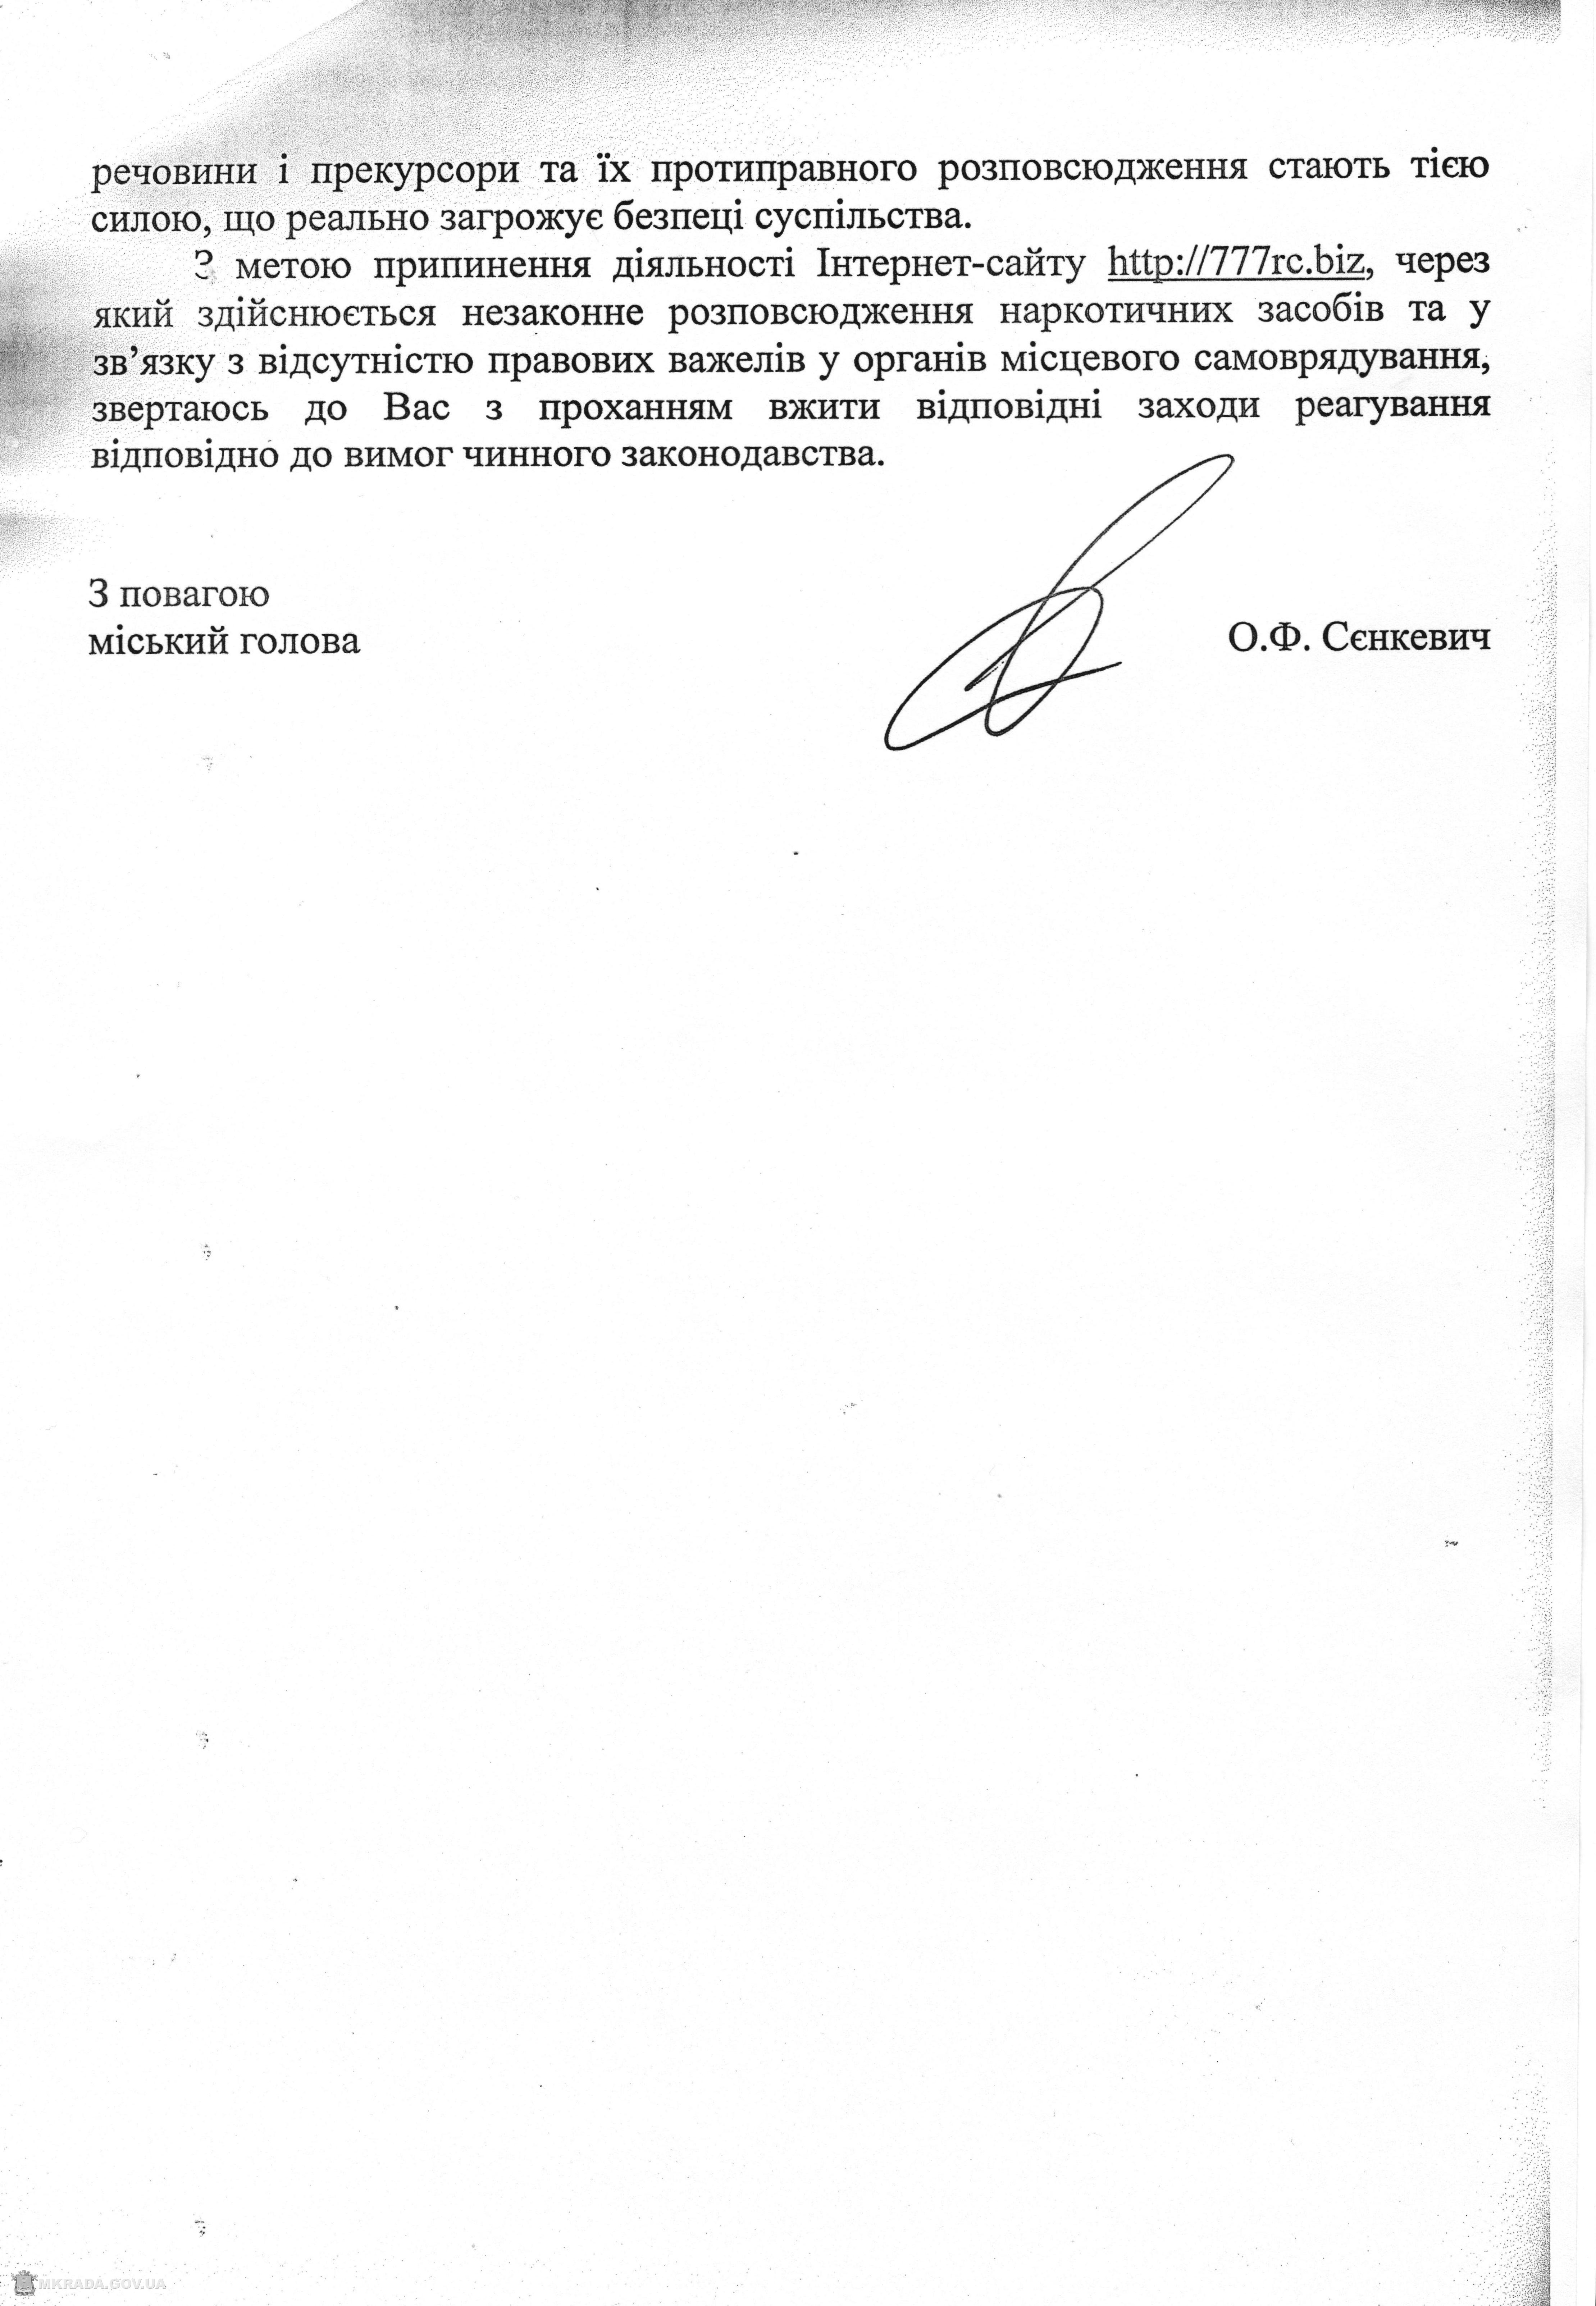 Мер Миколаєва просить Луценка закрити сайт, що торгує наркотиками - фото 2